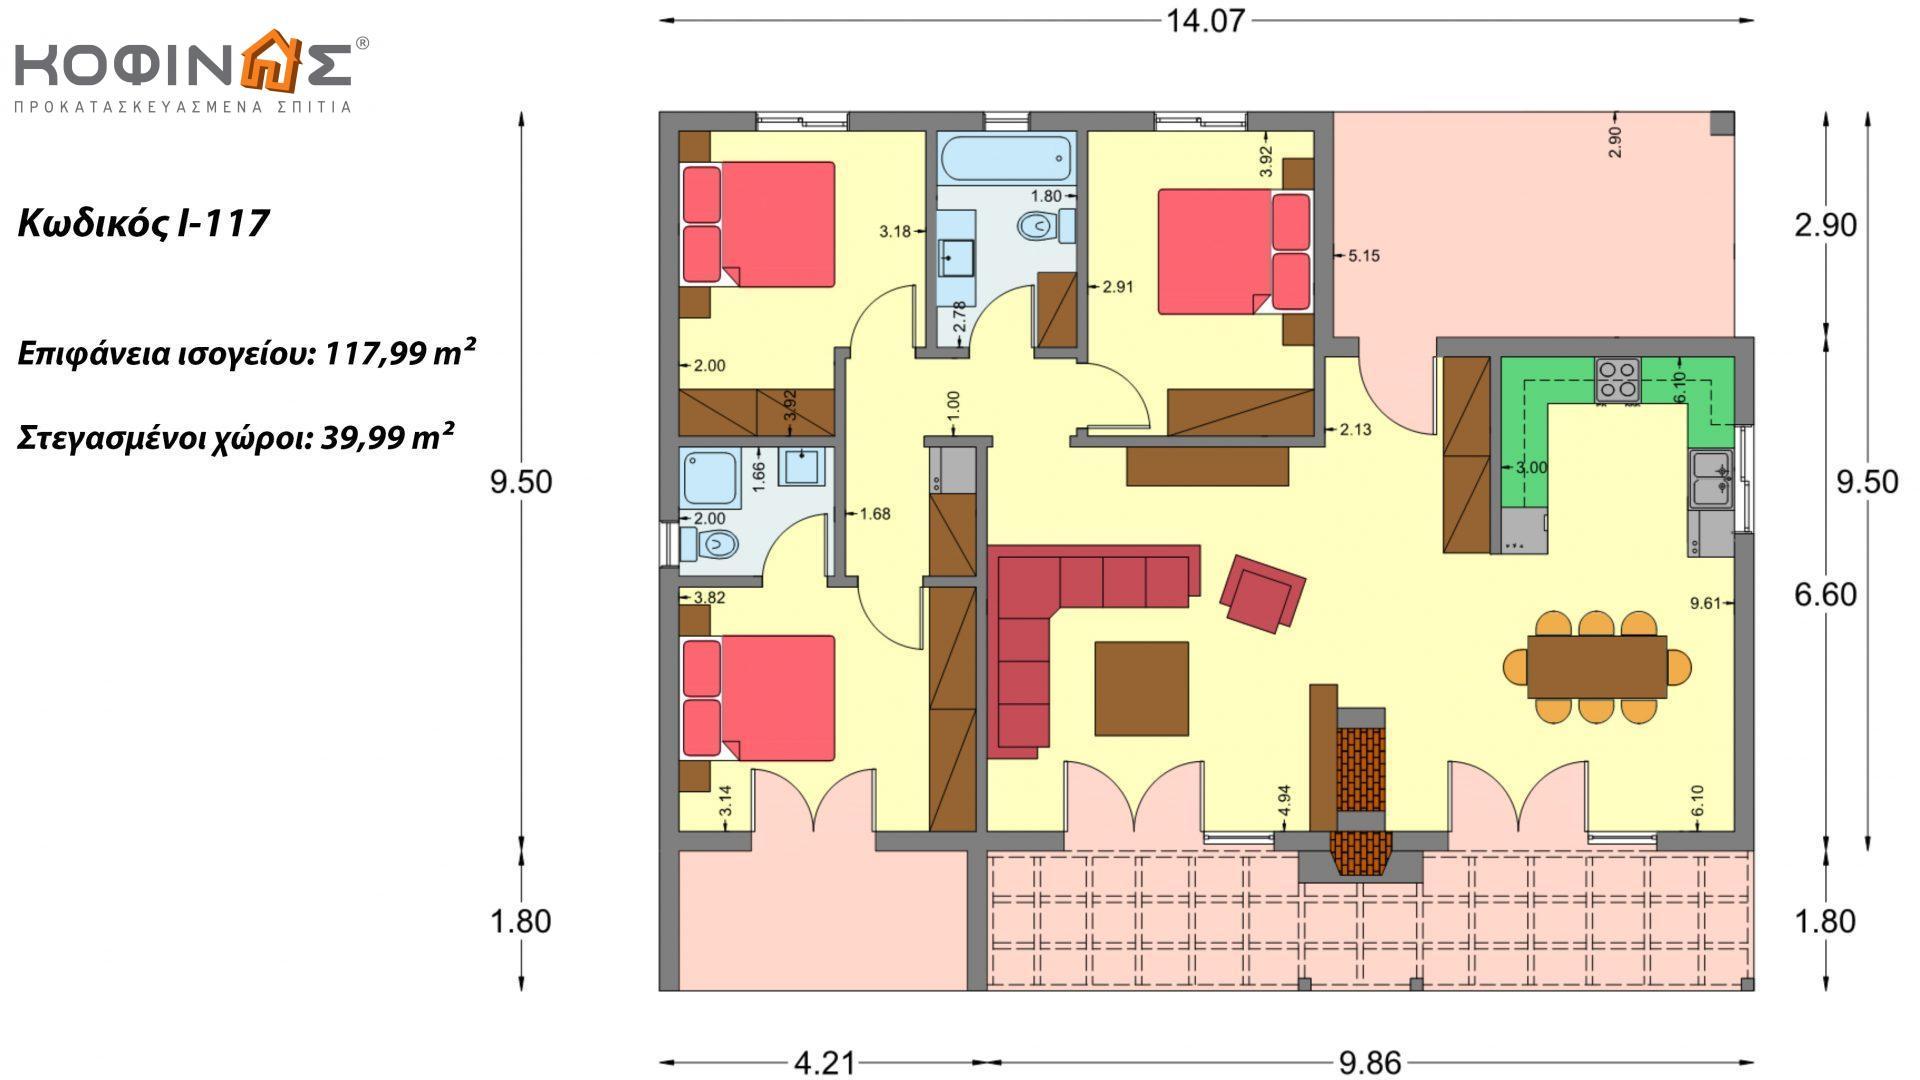 Ισόγεια Κατοικία I-117, συνολικής επιφάνειας 117,99 τ.μ., στεγασμένοι χώροι 39,99 τ.μ.